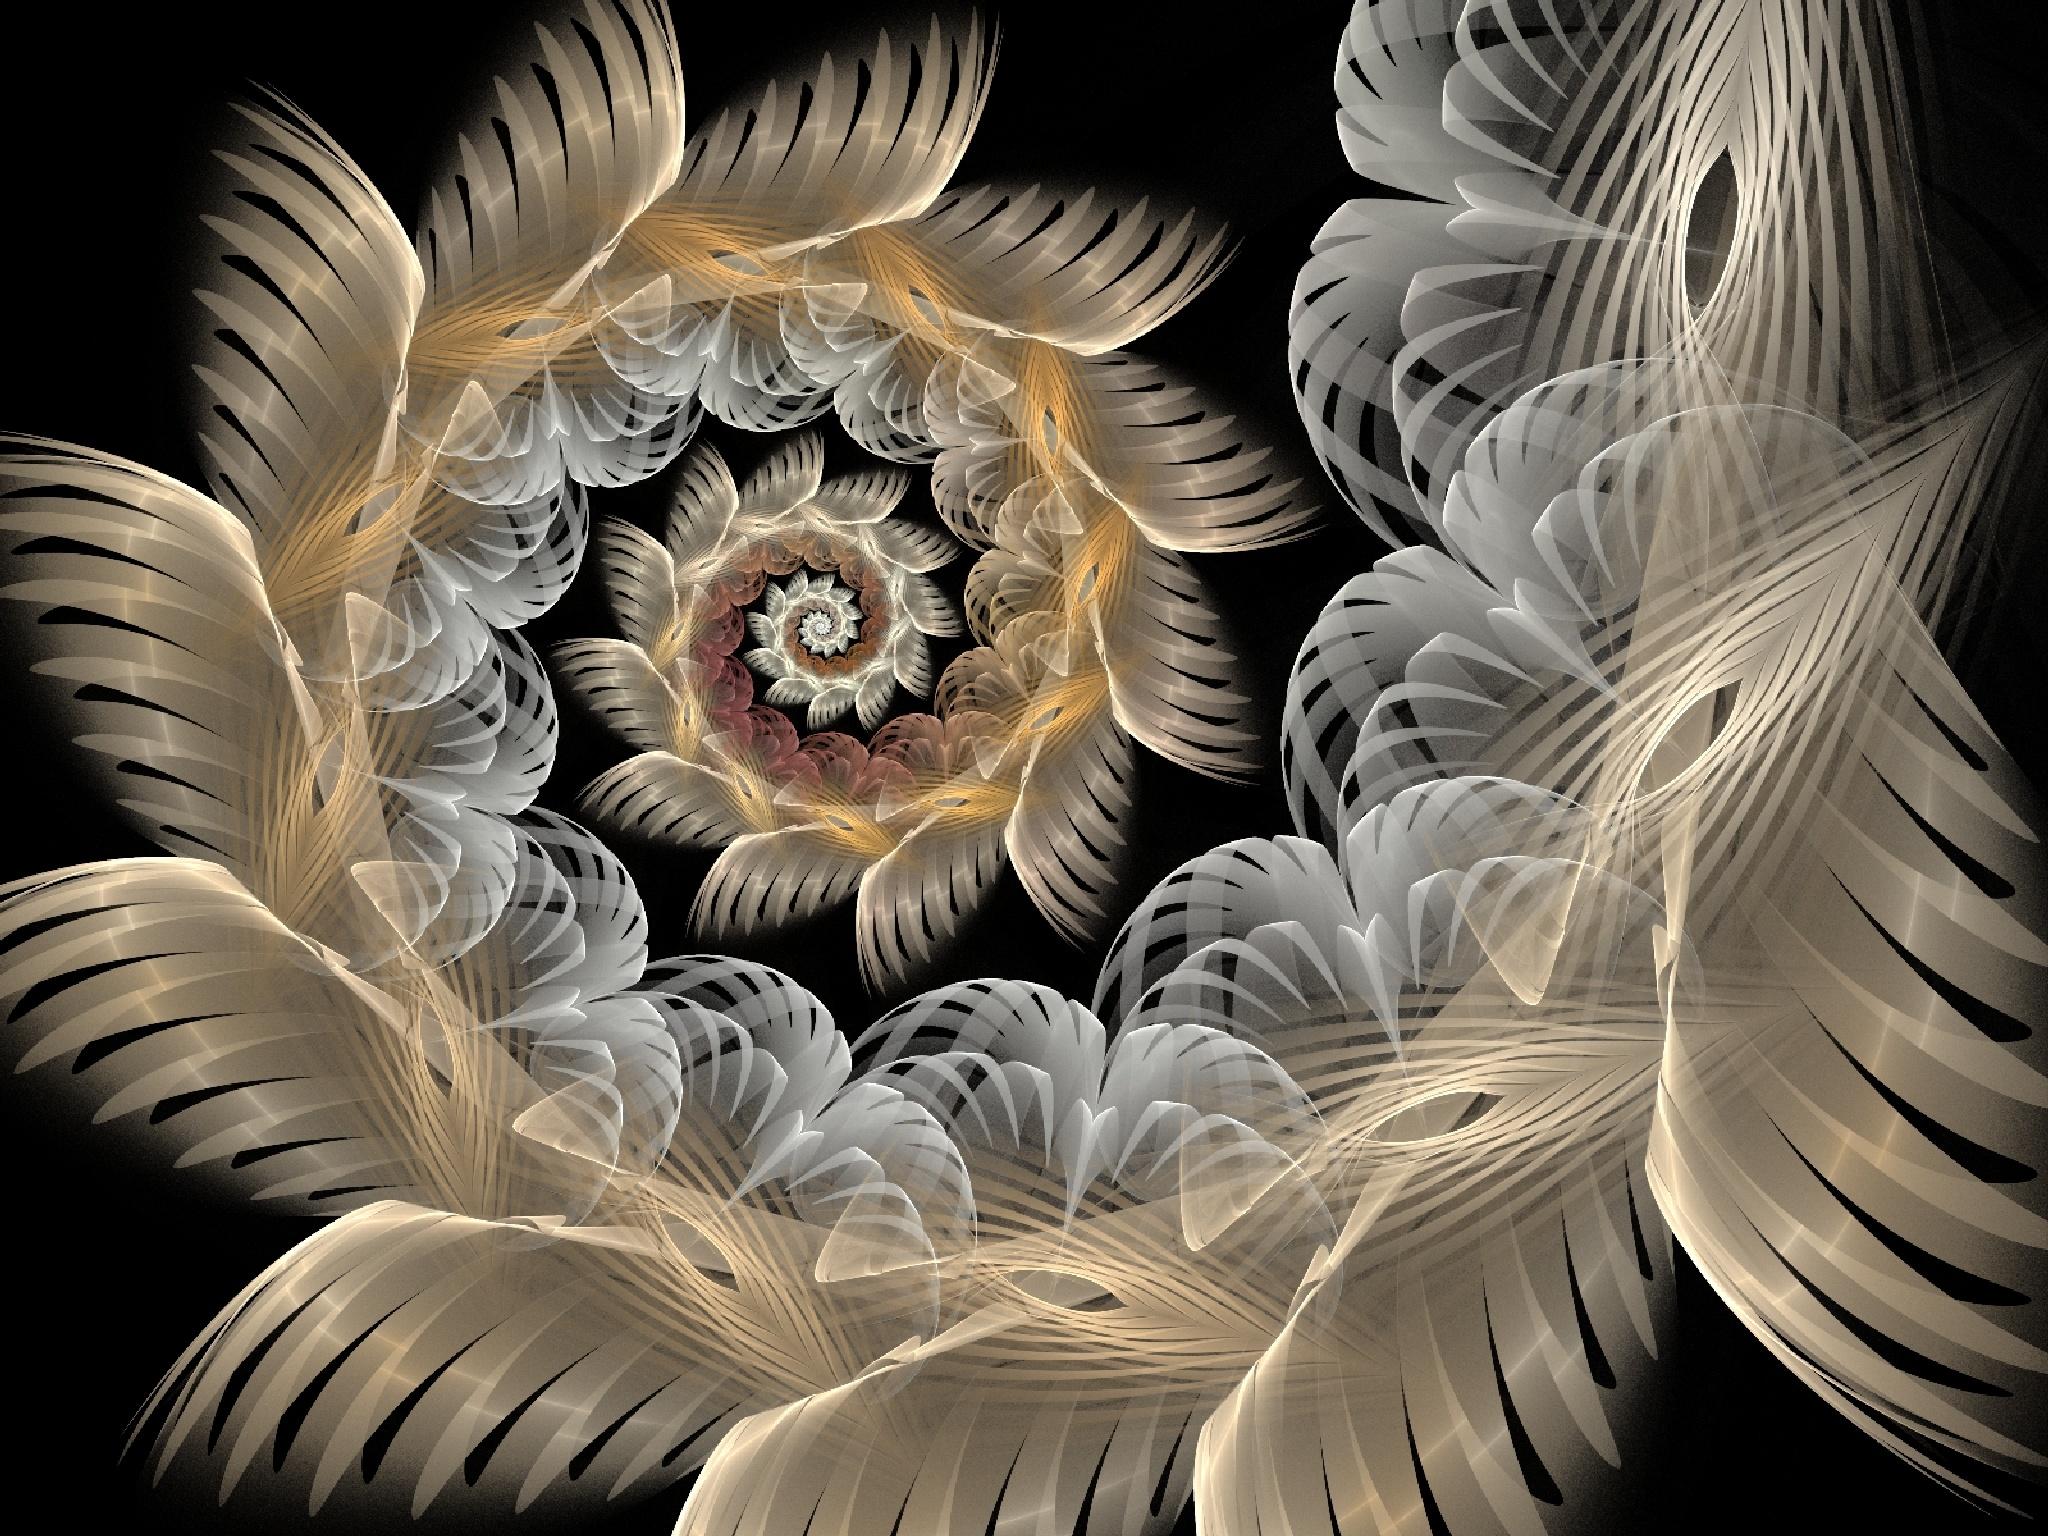 The Spiral of Light by Joe-Maccer